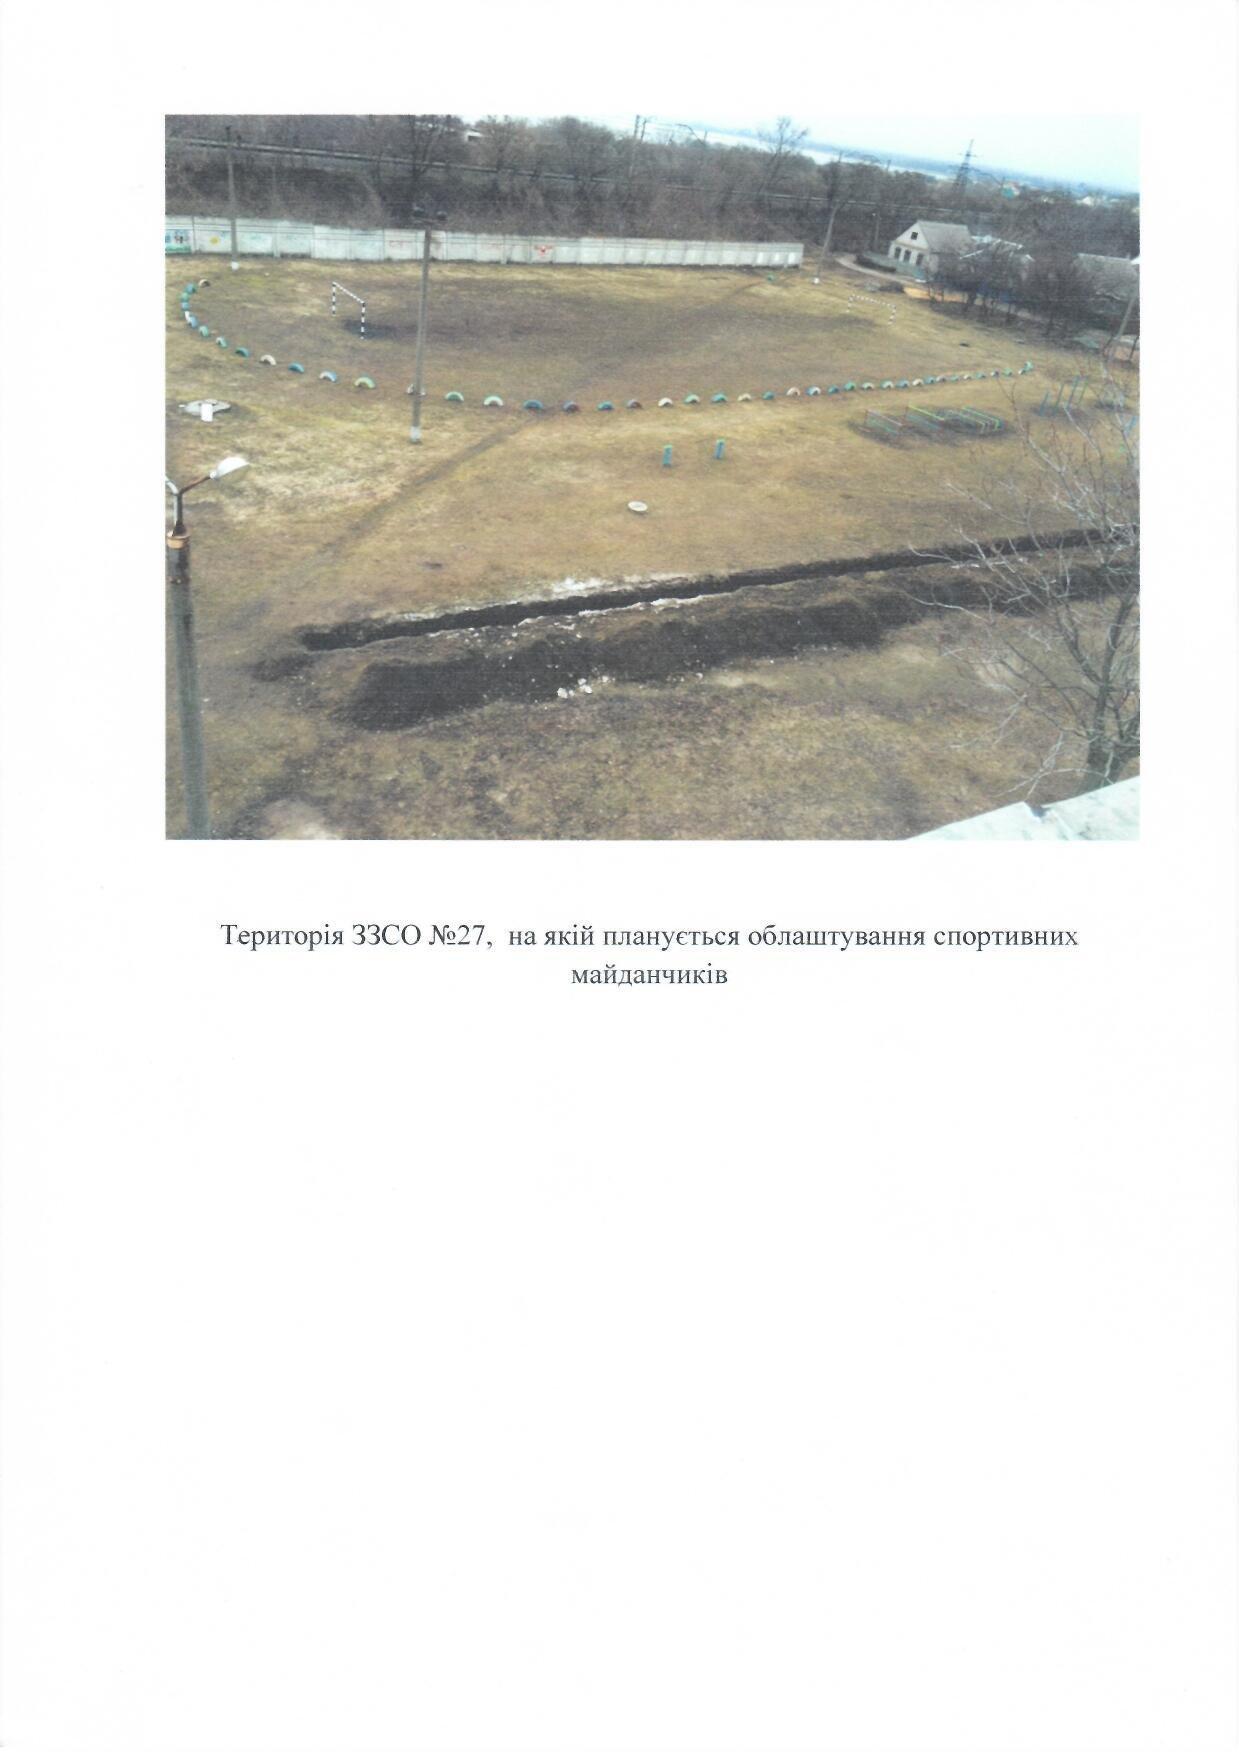 Волейбол и баскетбол: в Романково будет современная спортплощадка, фото-2